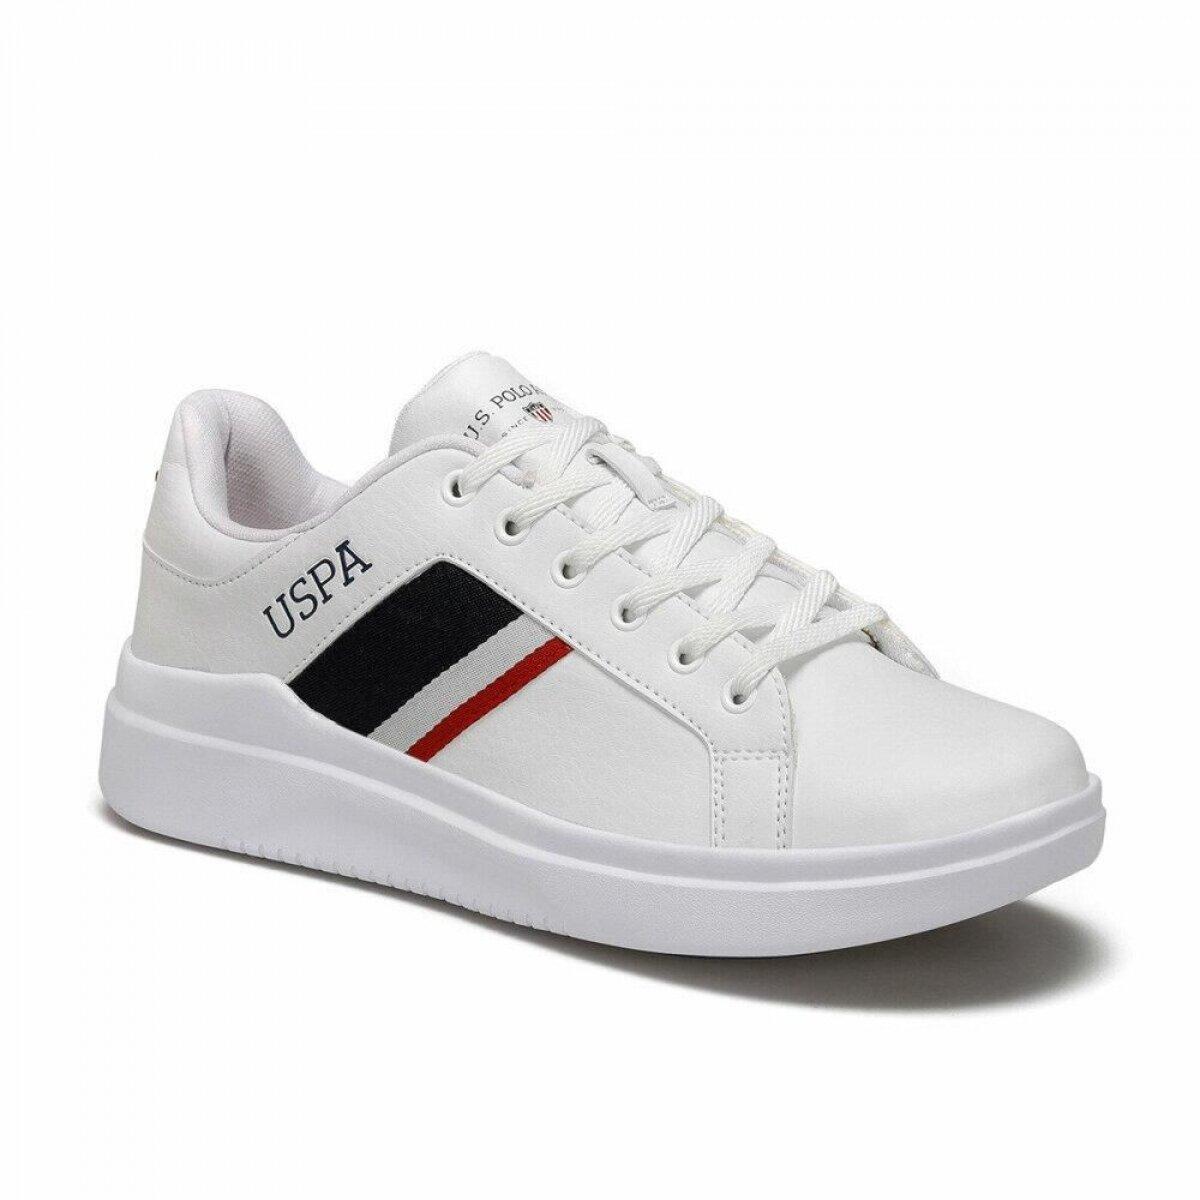 Bondy Gri Erkek Outdoor Ayakkabı